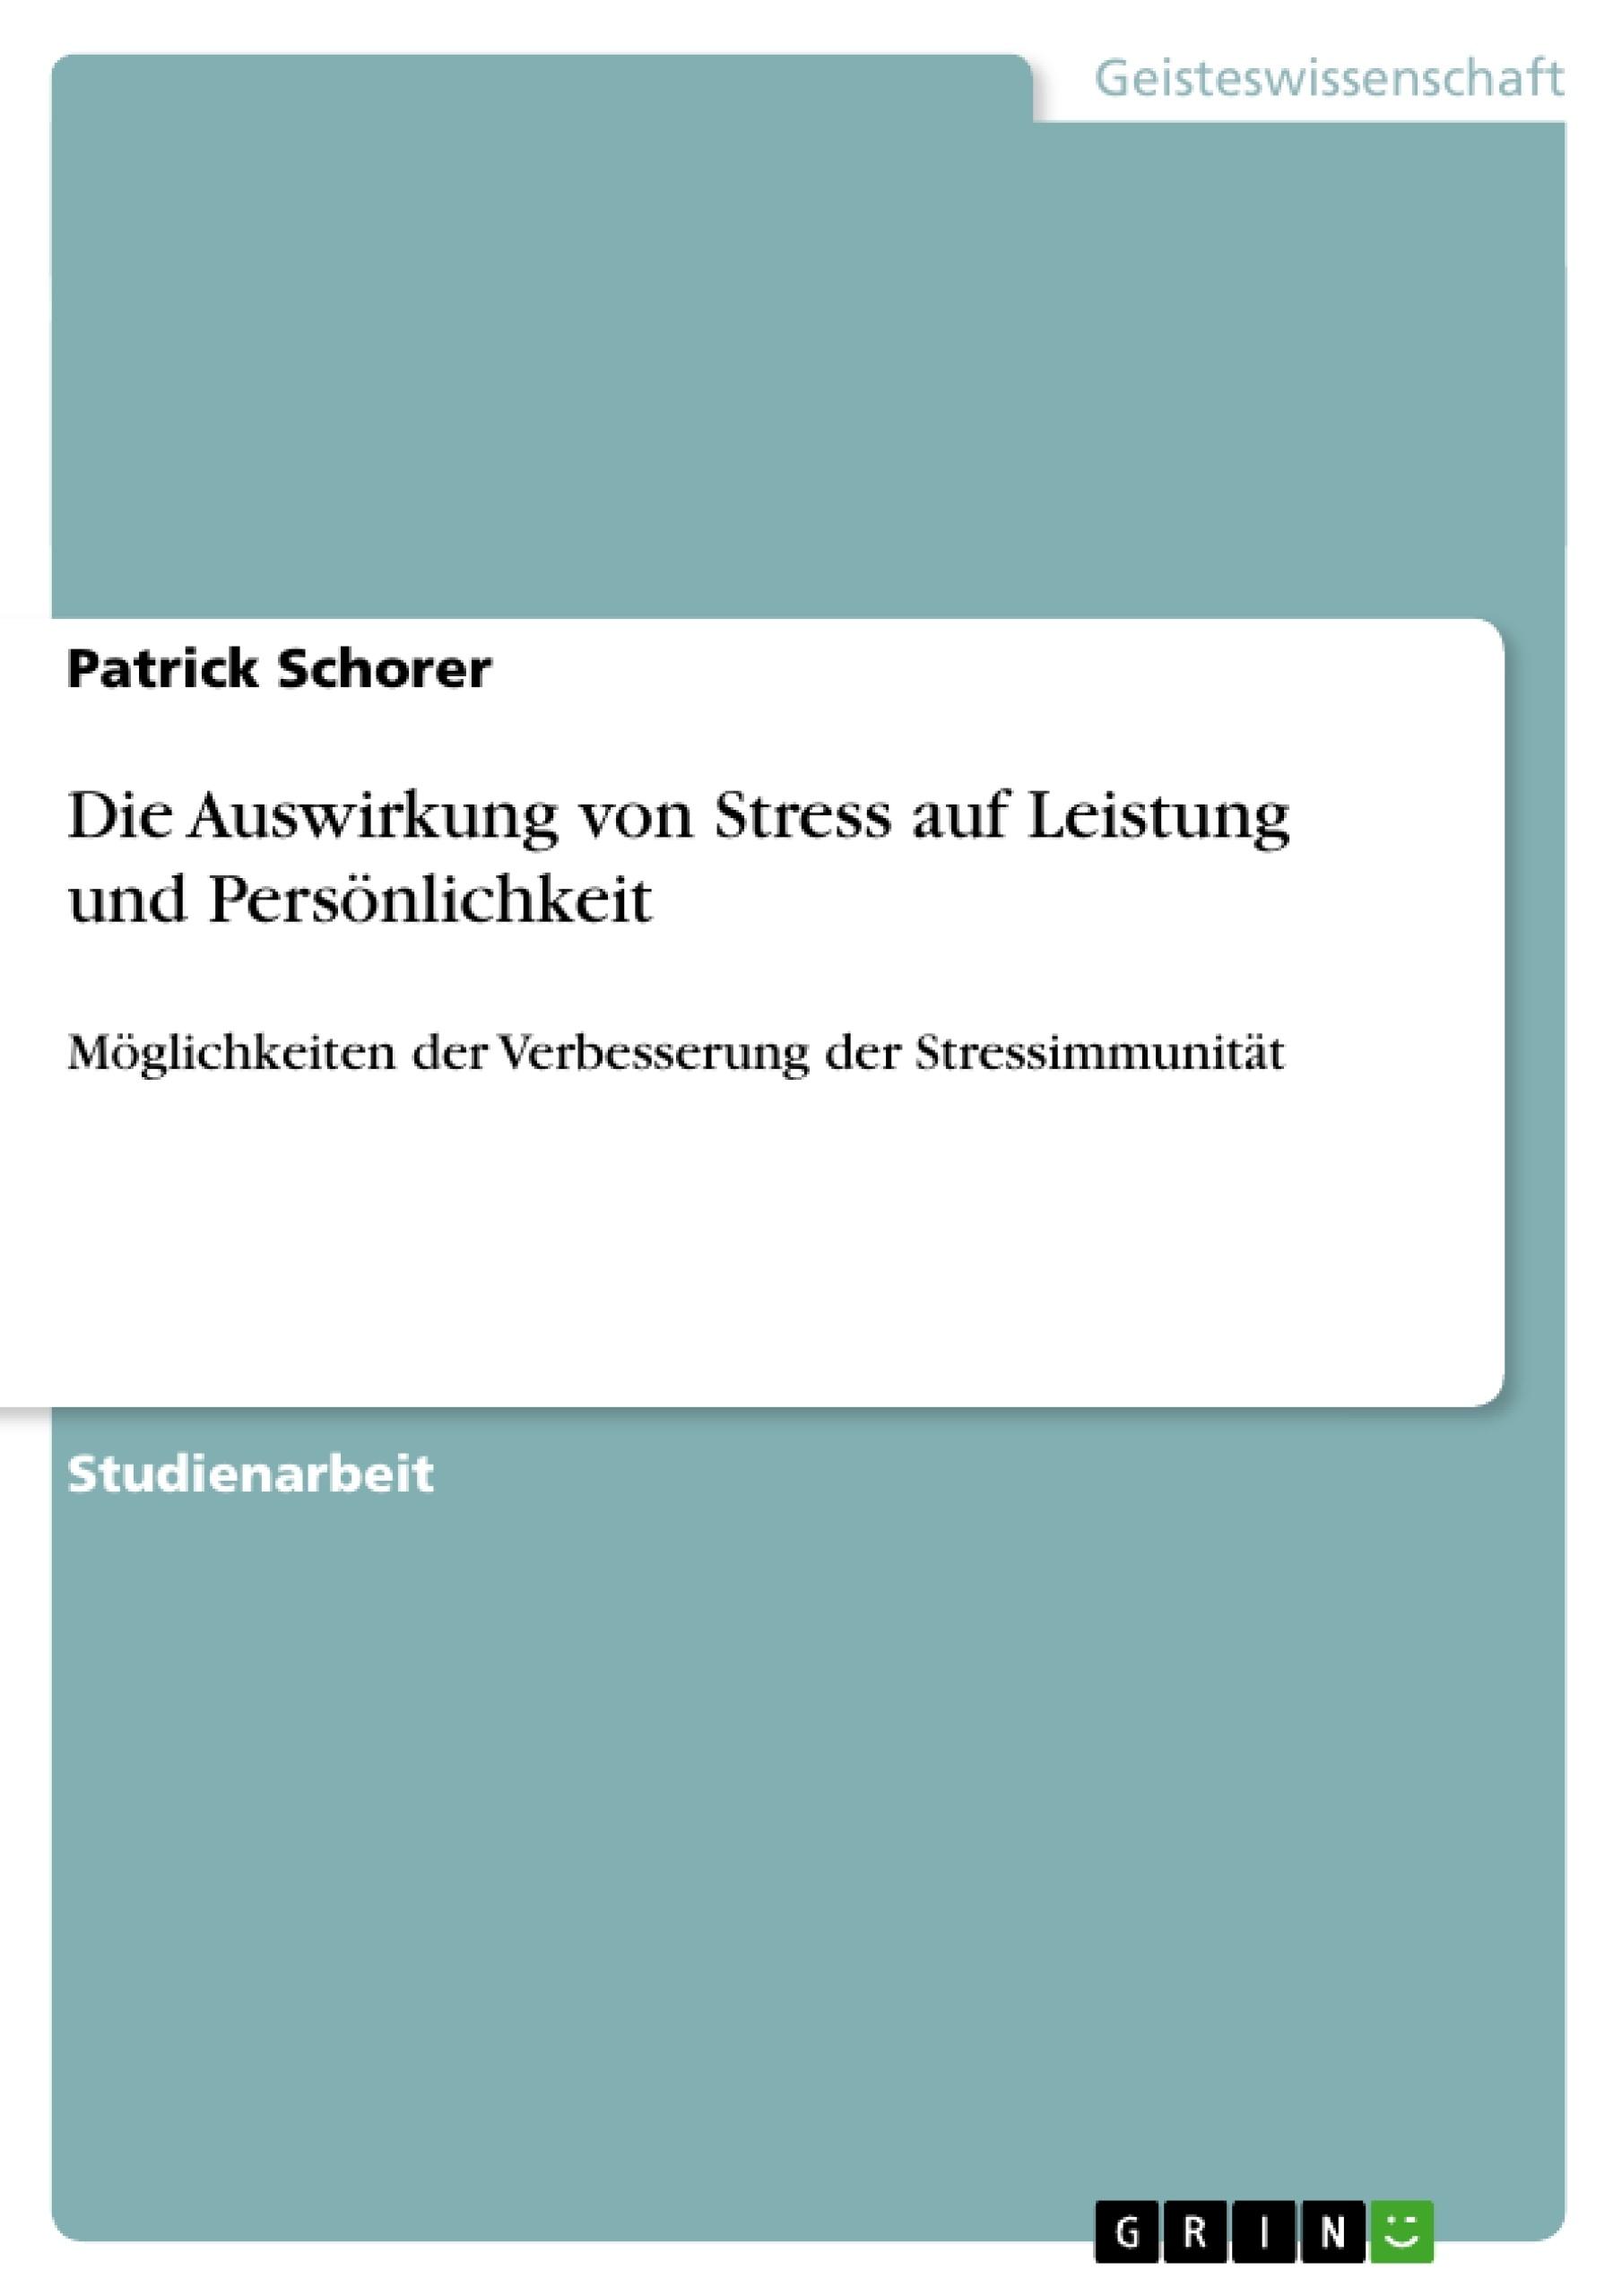 Titel: Die Auswirkung von Stress auf Leistung und Persönlichkeit